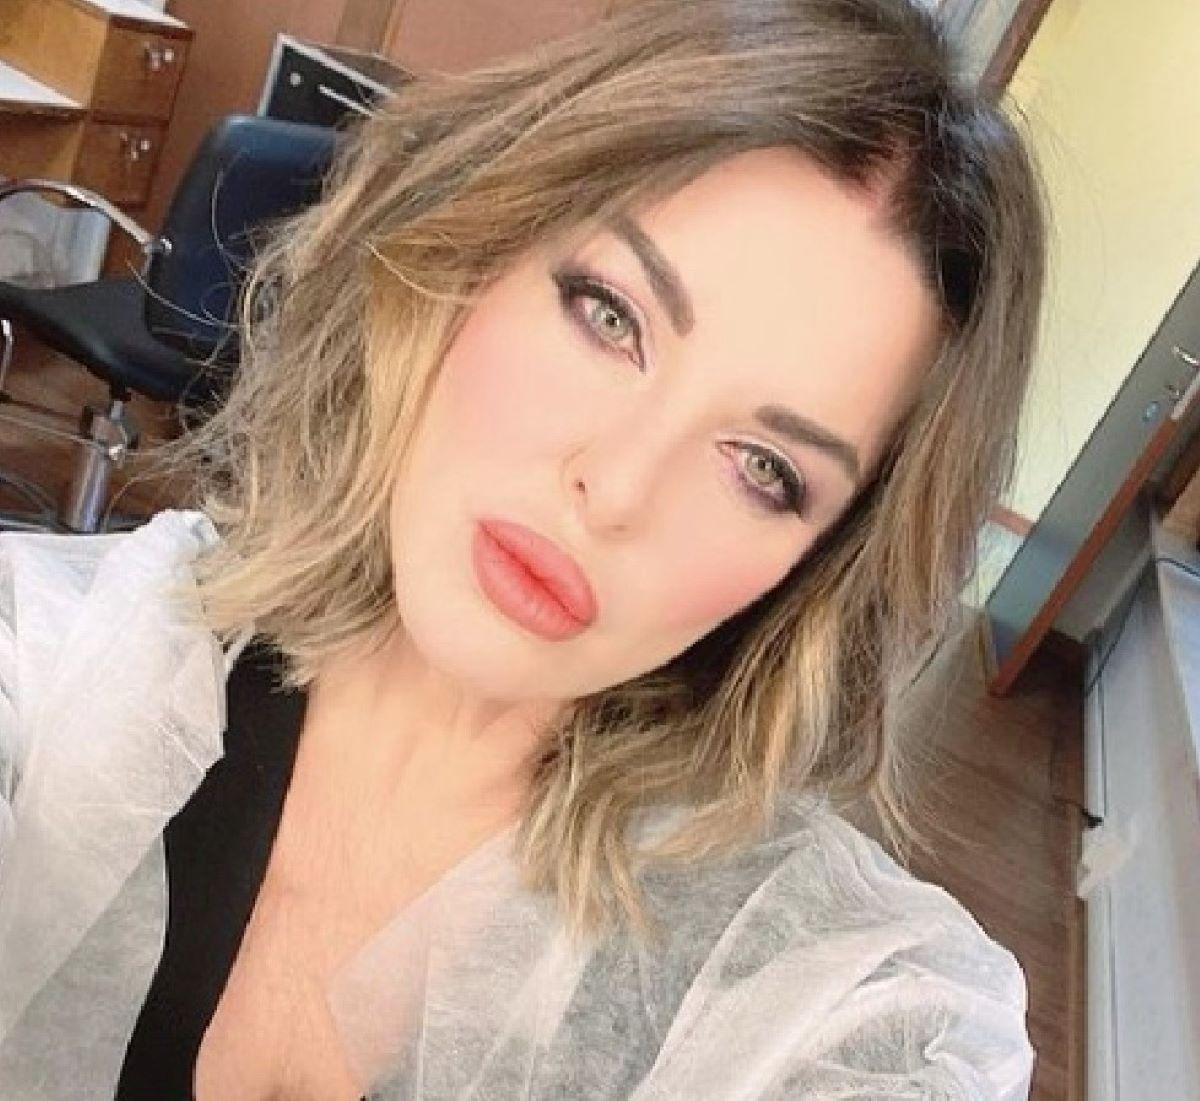 Alba Parietti Attacco Hater Foto Costume Instagram